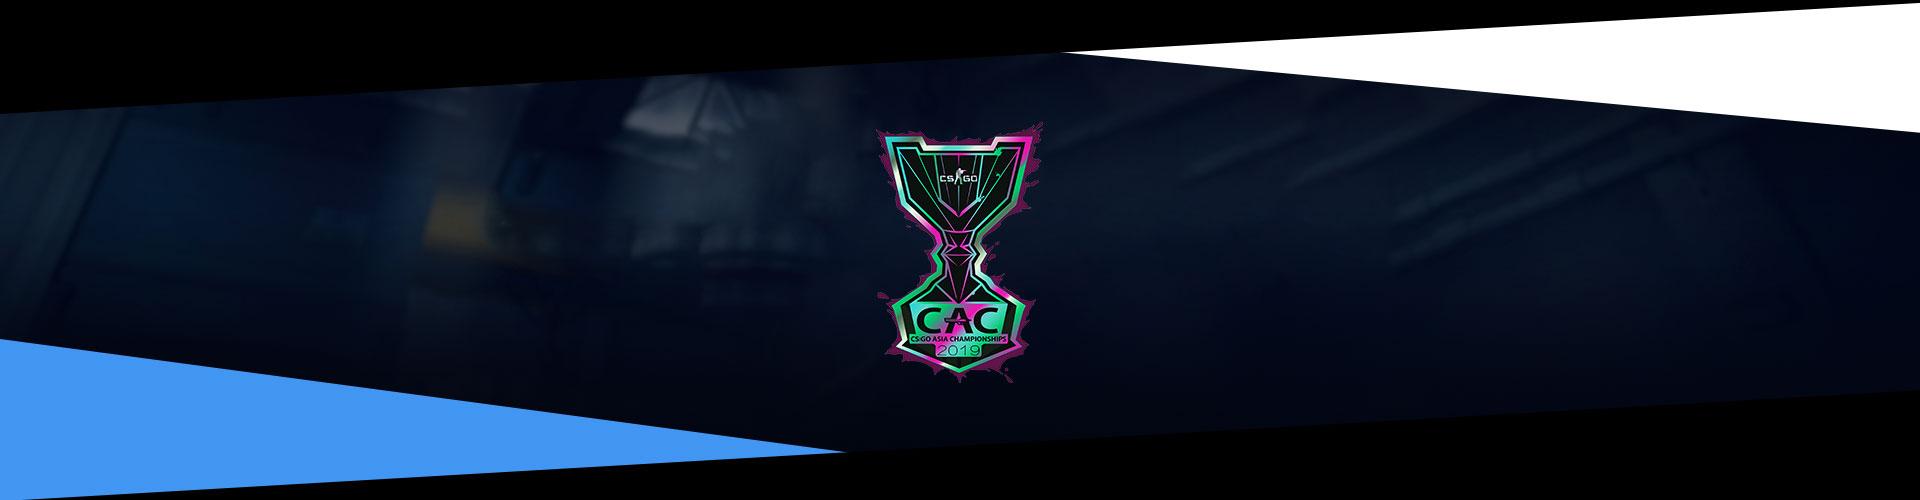 Denna eventsida för CS:GO Asia Championships innehåller information om turneringen.